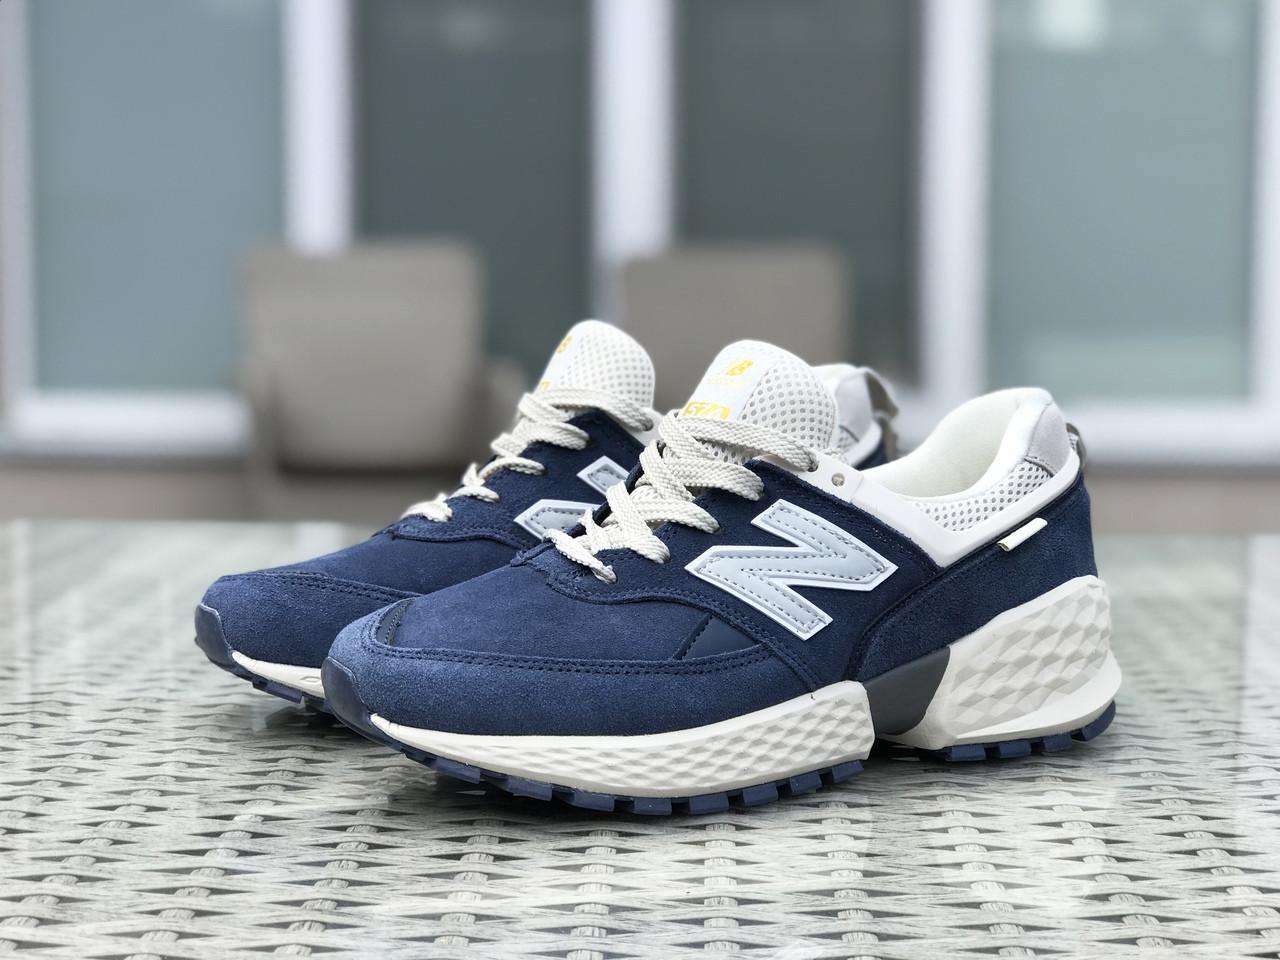 Мужские кроссовки (в стиле) New Balance 574 замшевые,синие с бежевым